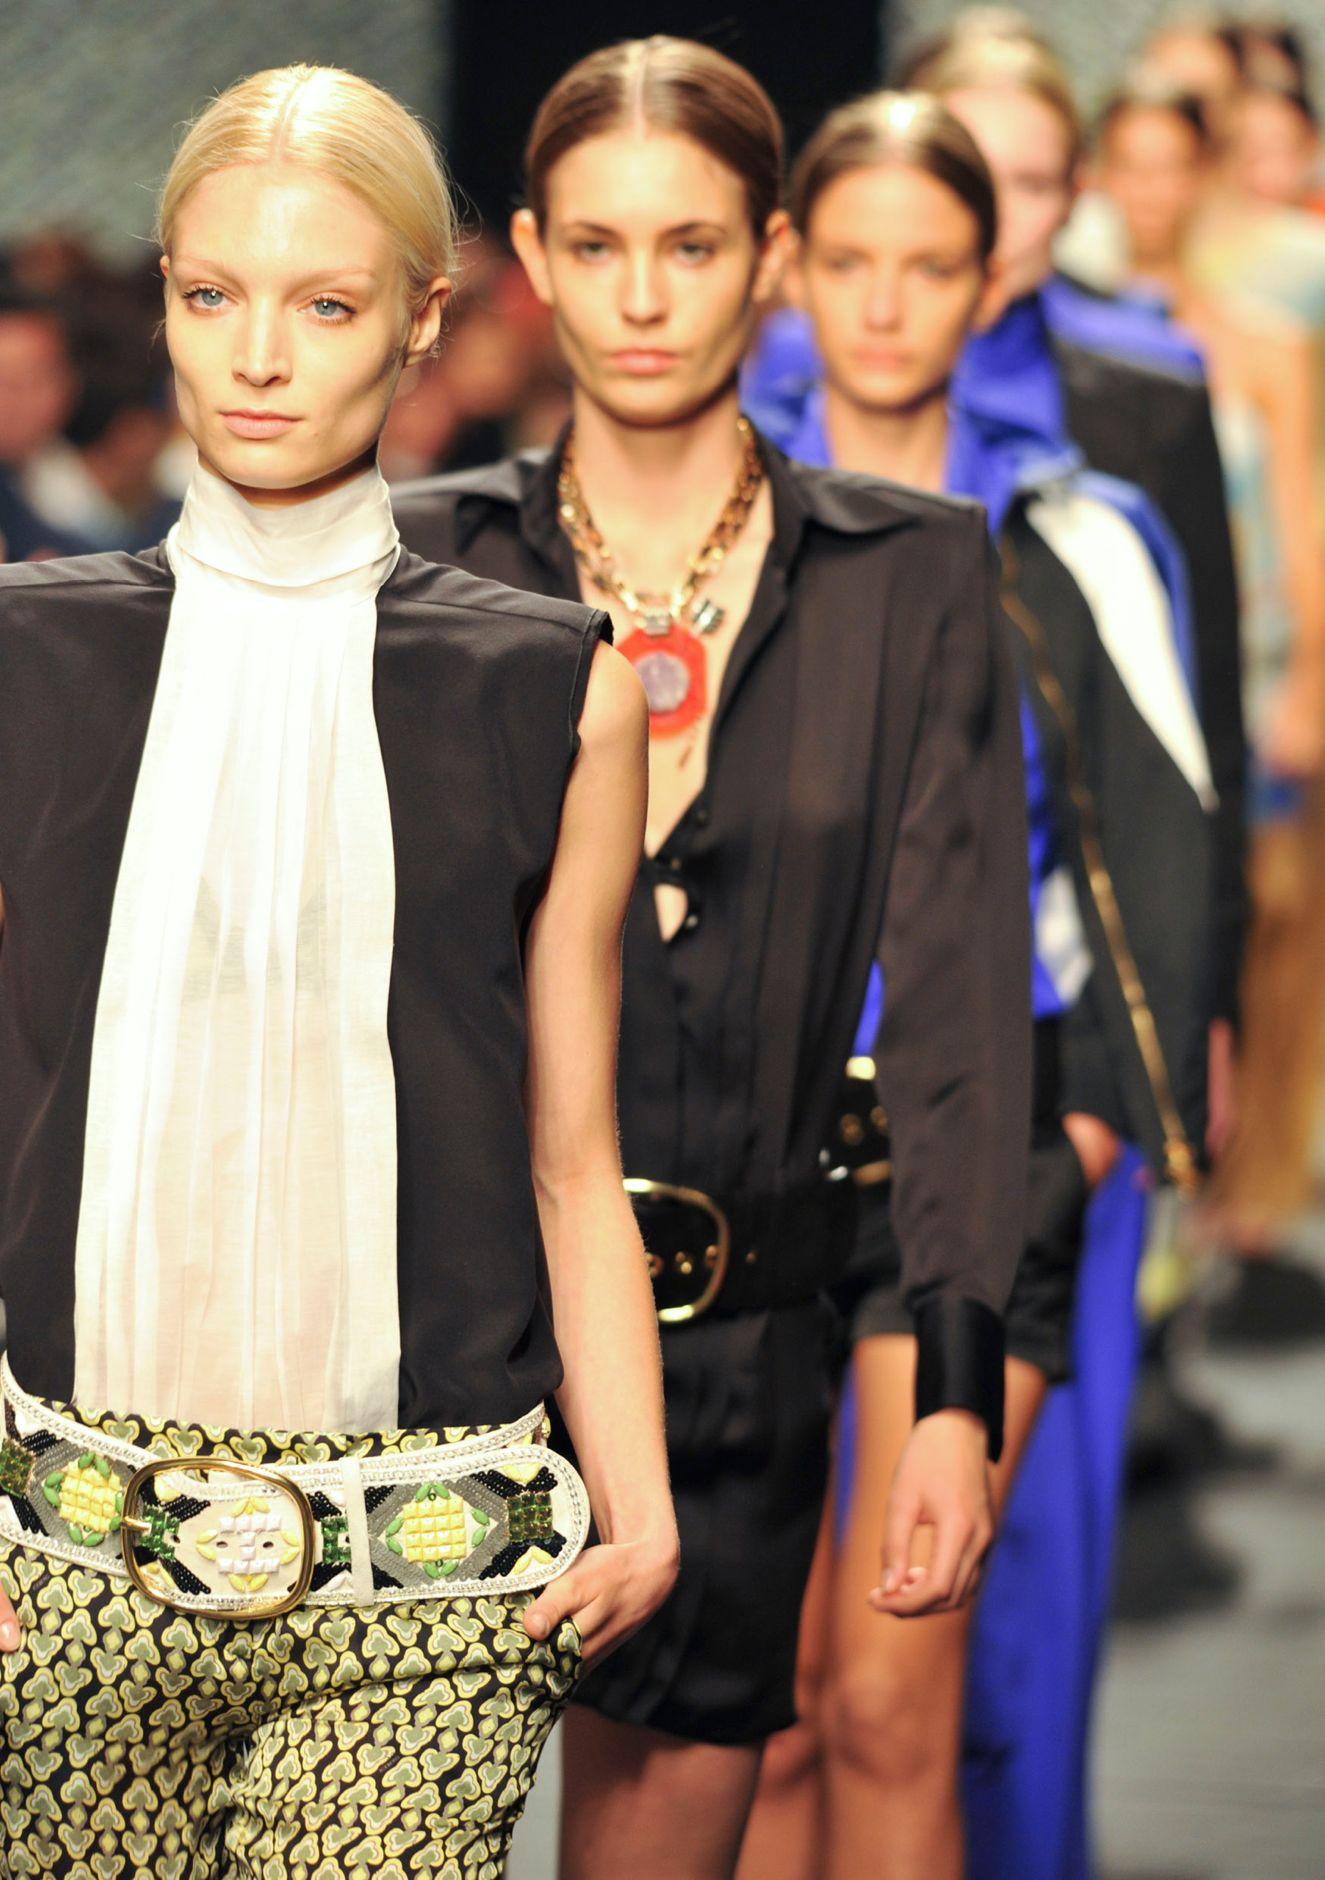 Iceberg Fashion Show Models